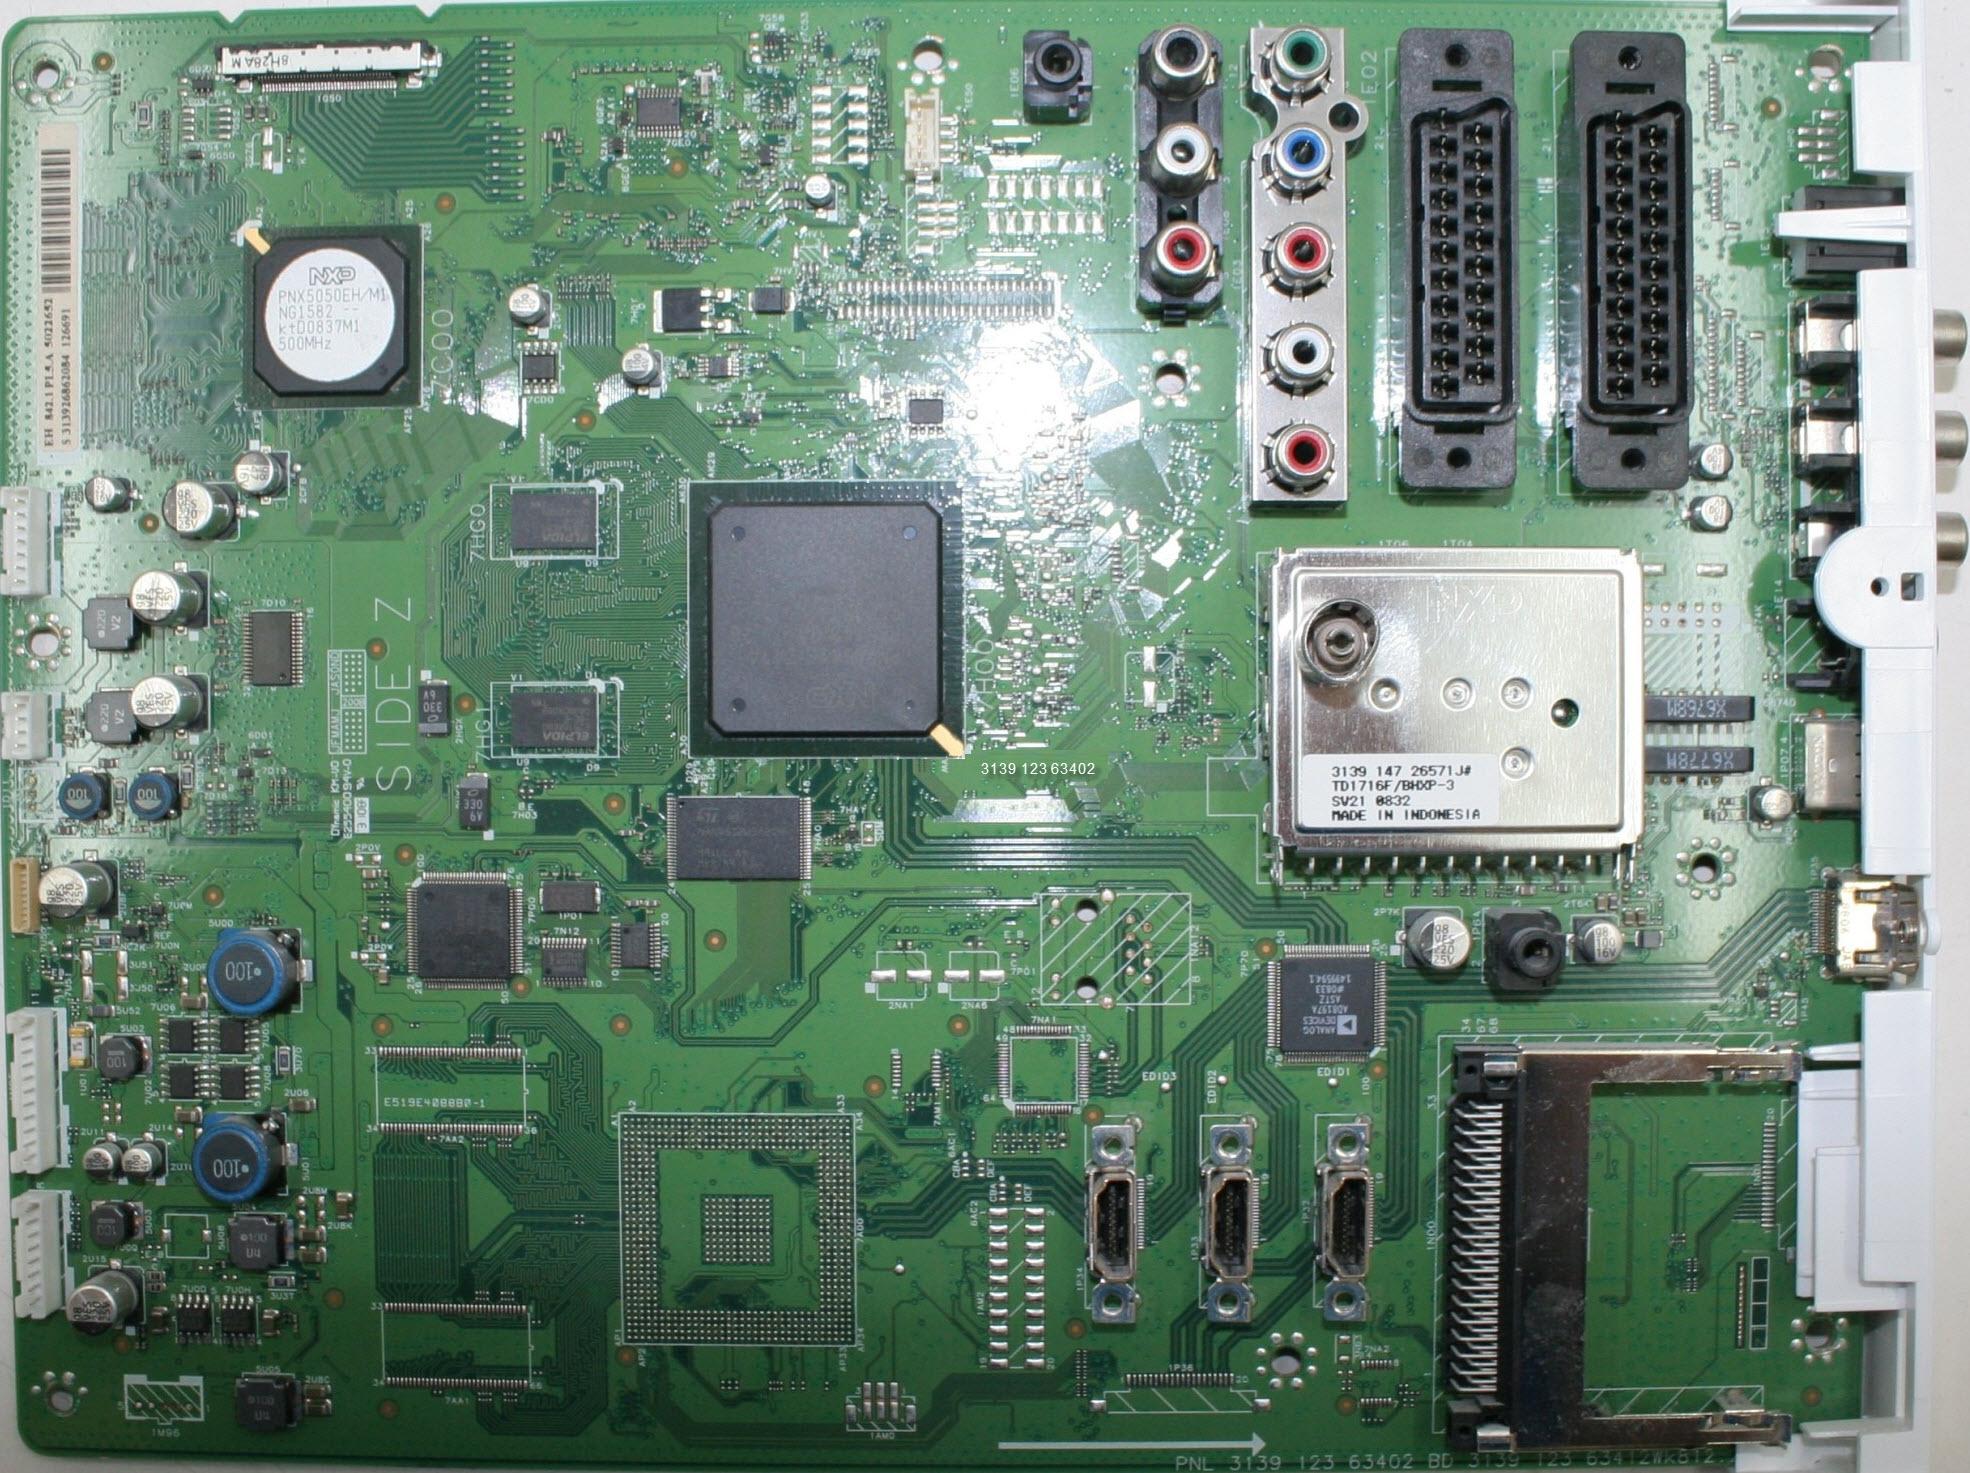 philips a q552 телевизор инструкция